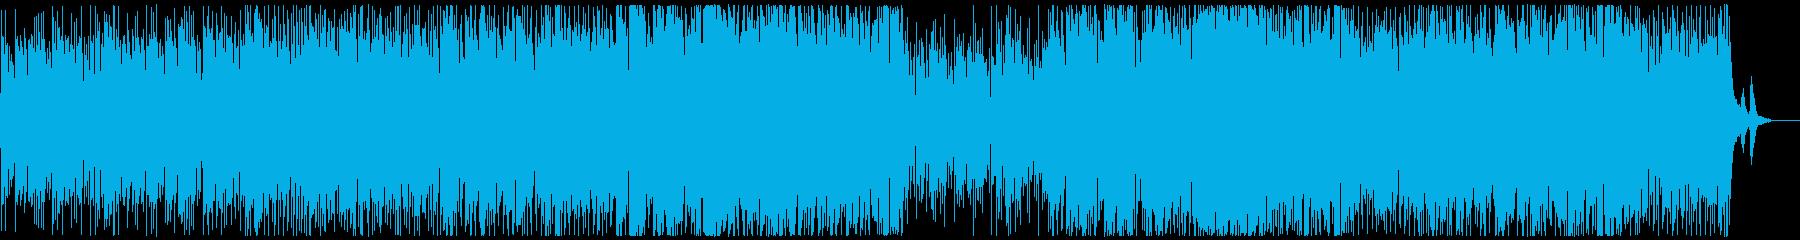 おしゃれなボサノバの再生済みの波形